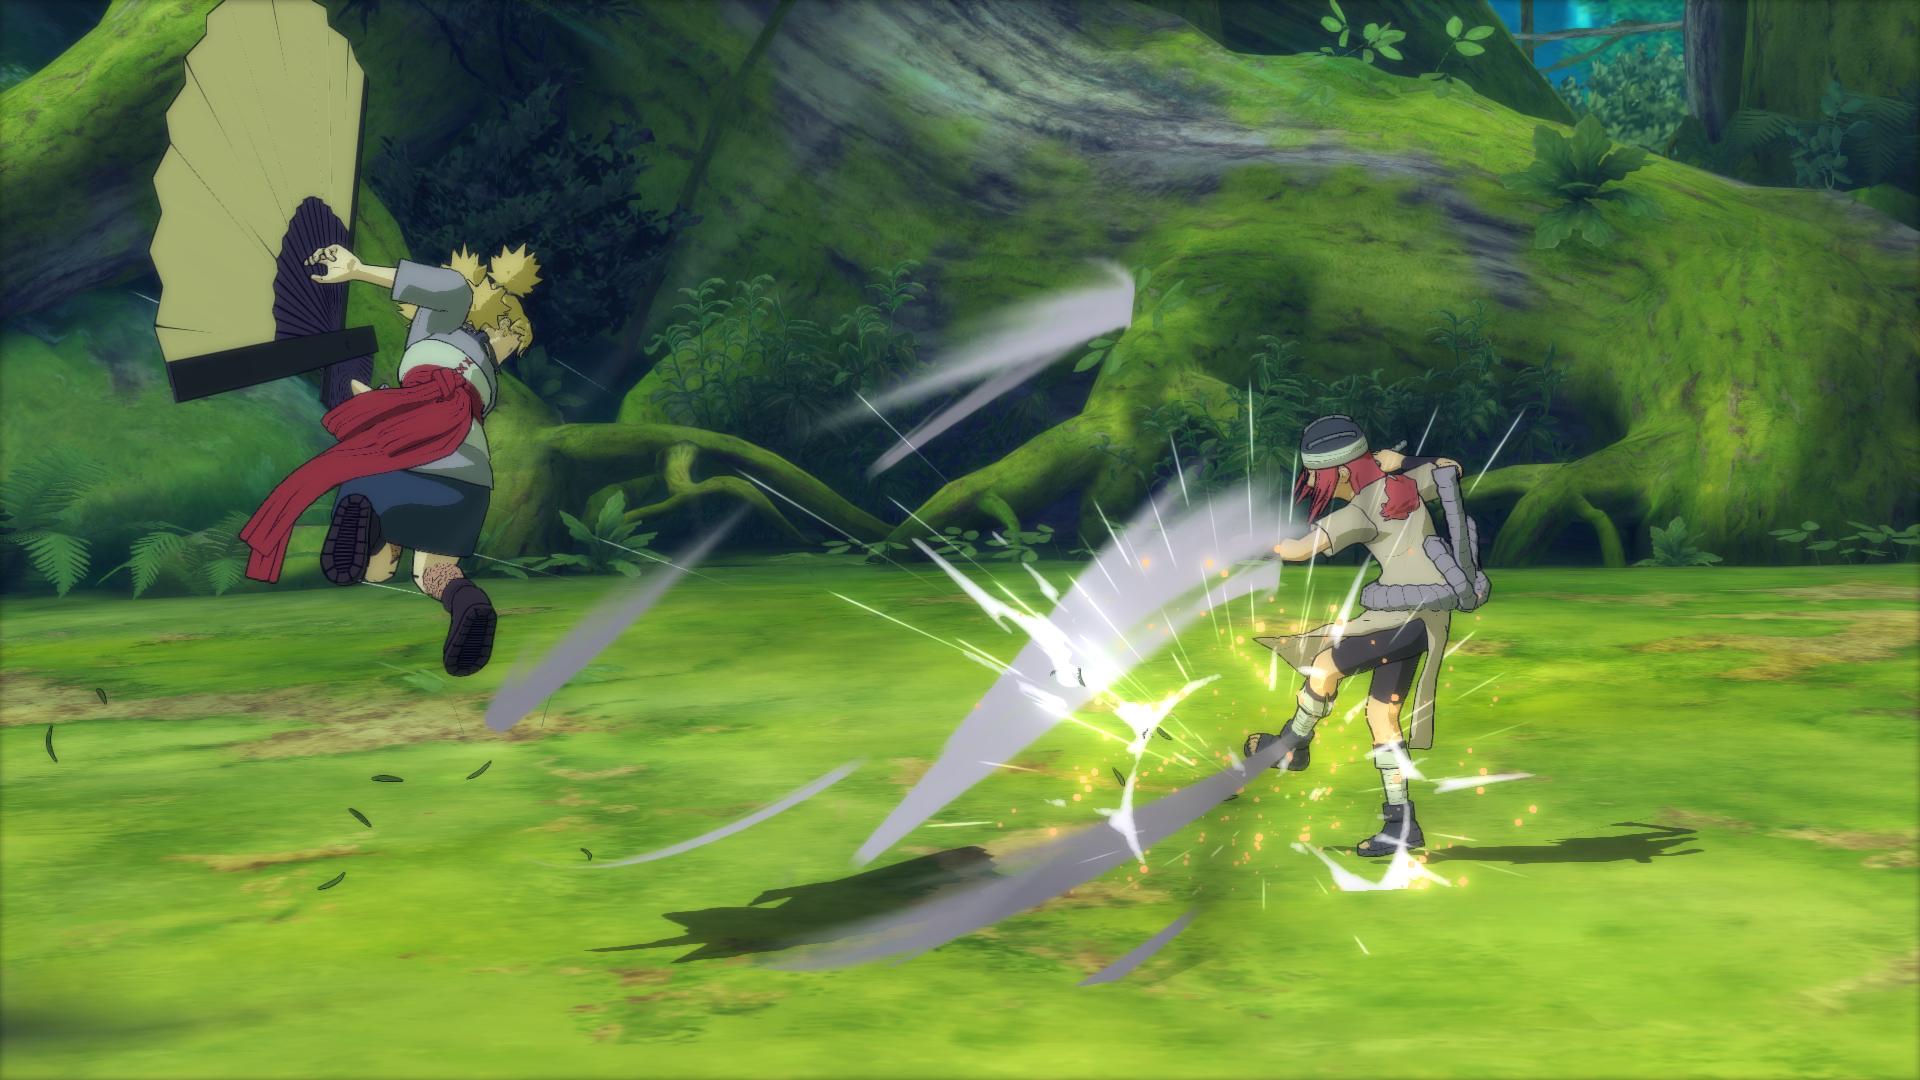 Arte Ninja: Furacão